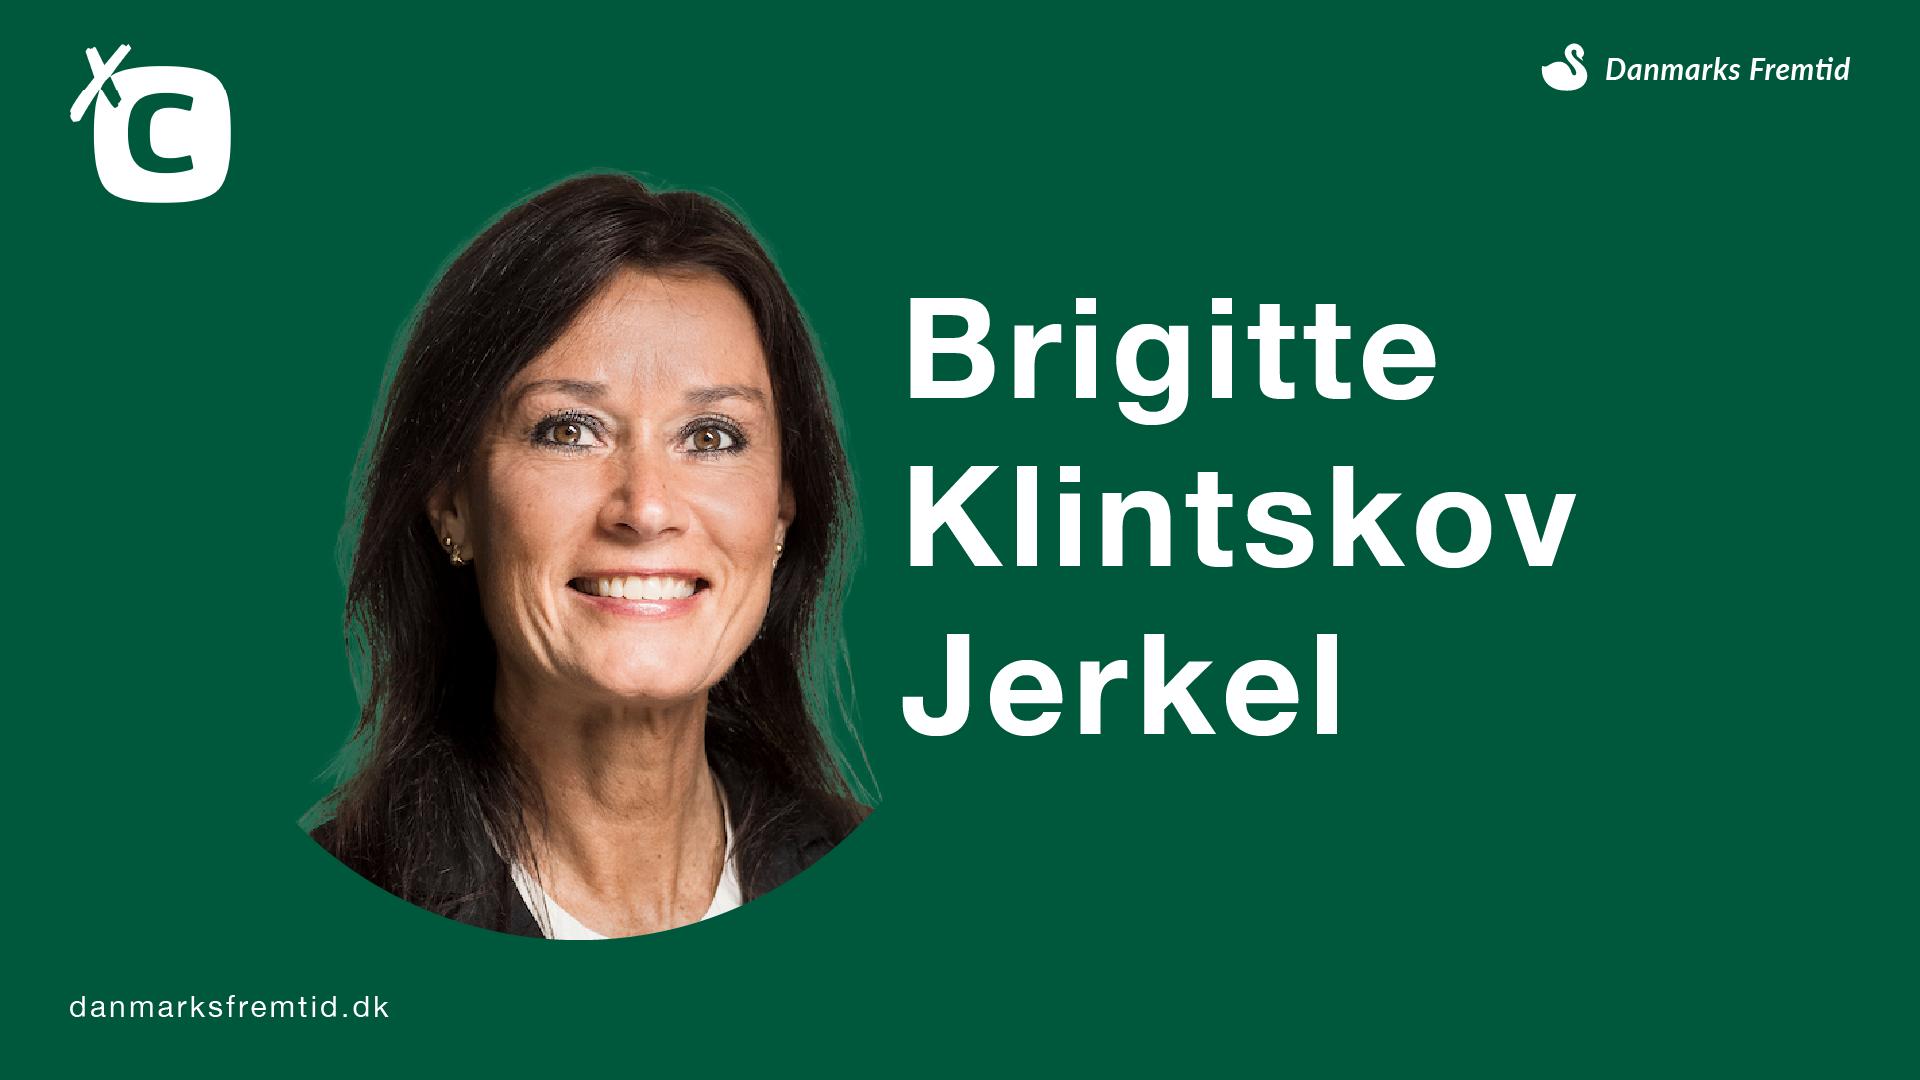 Brigitte Klintskov Jerkel - Det Konservative Folkeparti